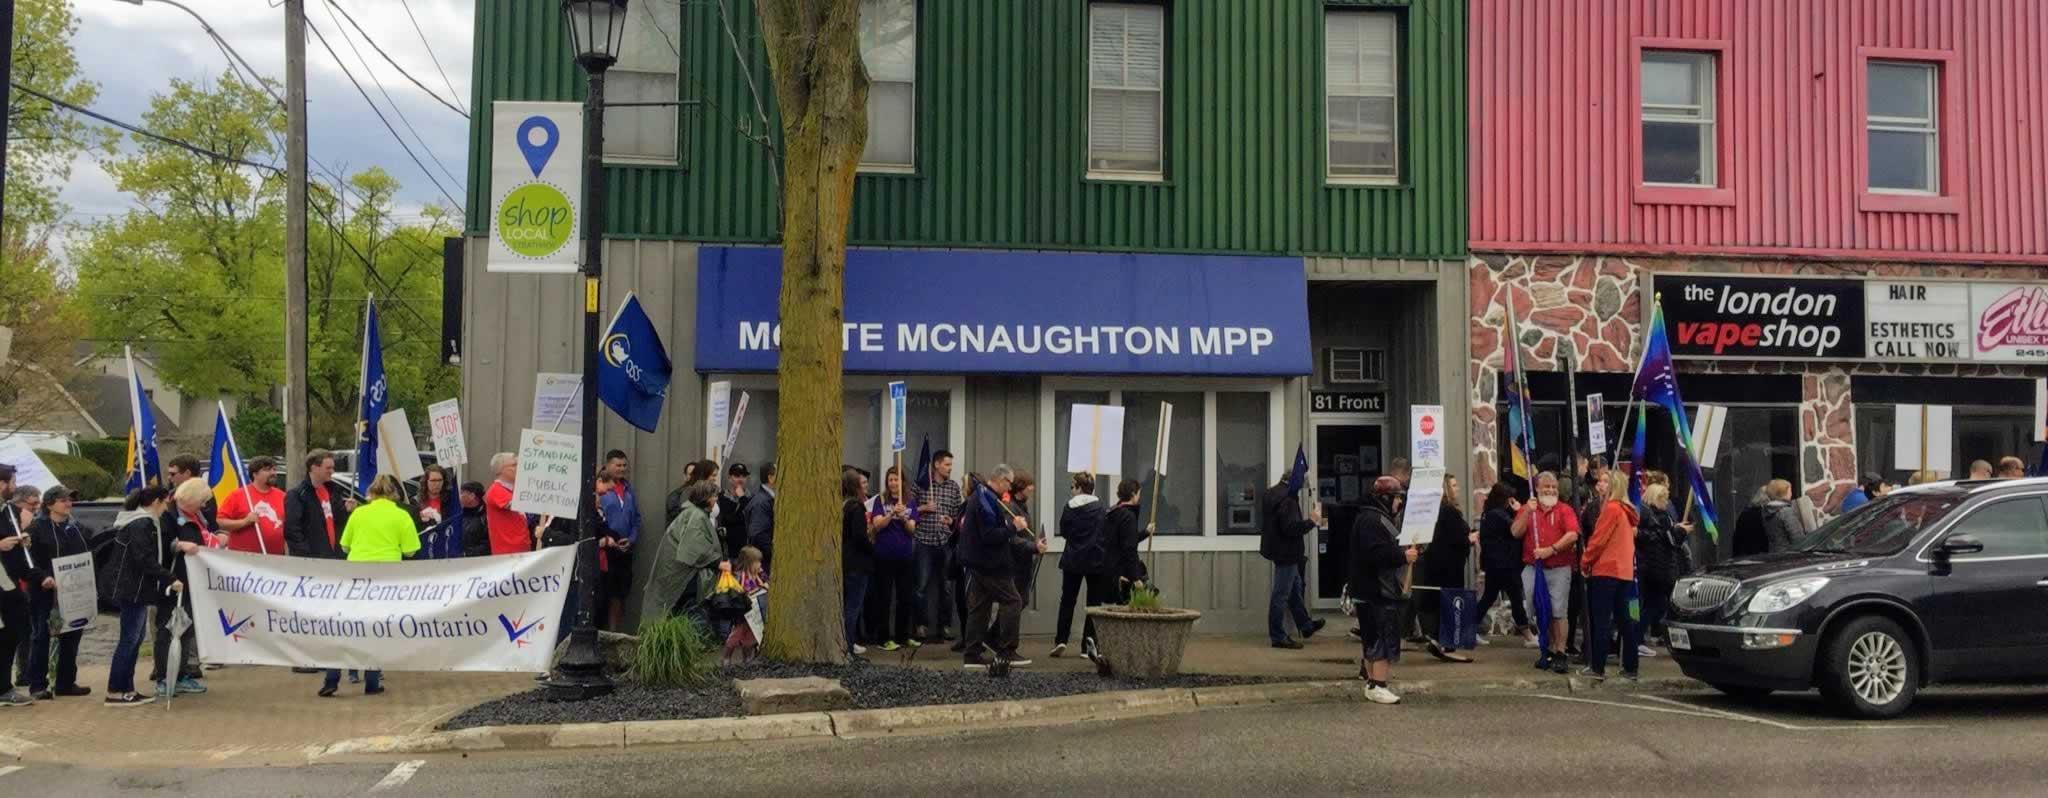 mcnaughtonrally2.jpg